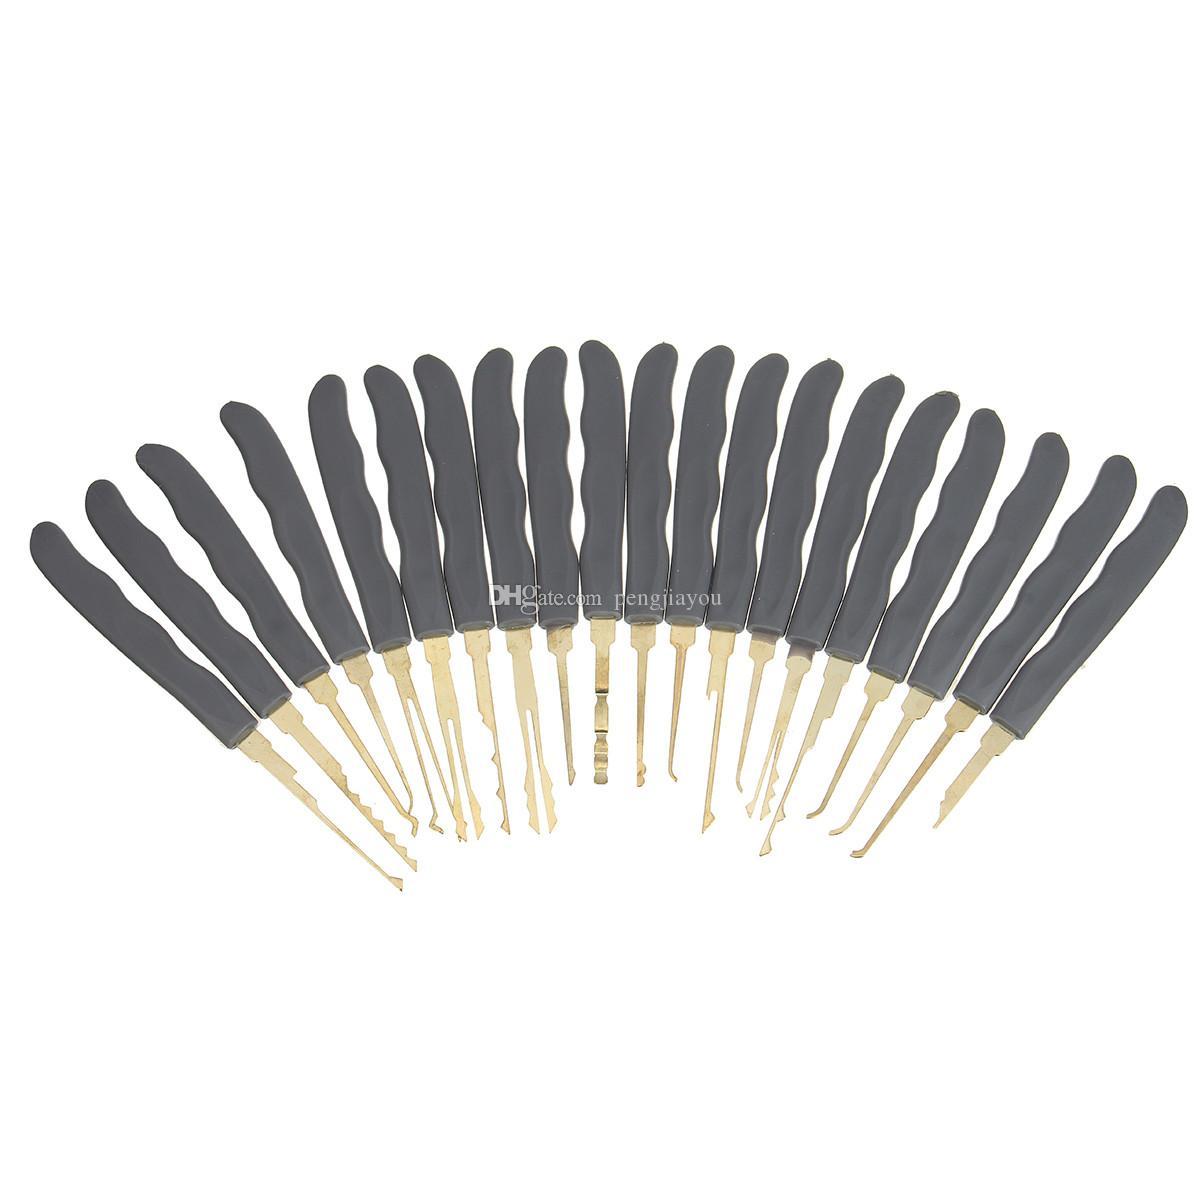 Acciaio inossidabile di alta qualità GOSO Lock Picks Lockpick Locksmith Fast Lock Opener con borsa in pelle + Lucchetto trasparente pratica Lock